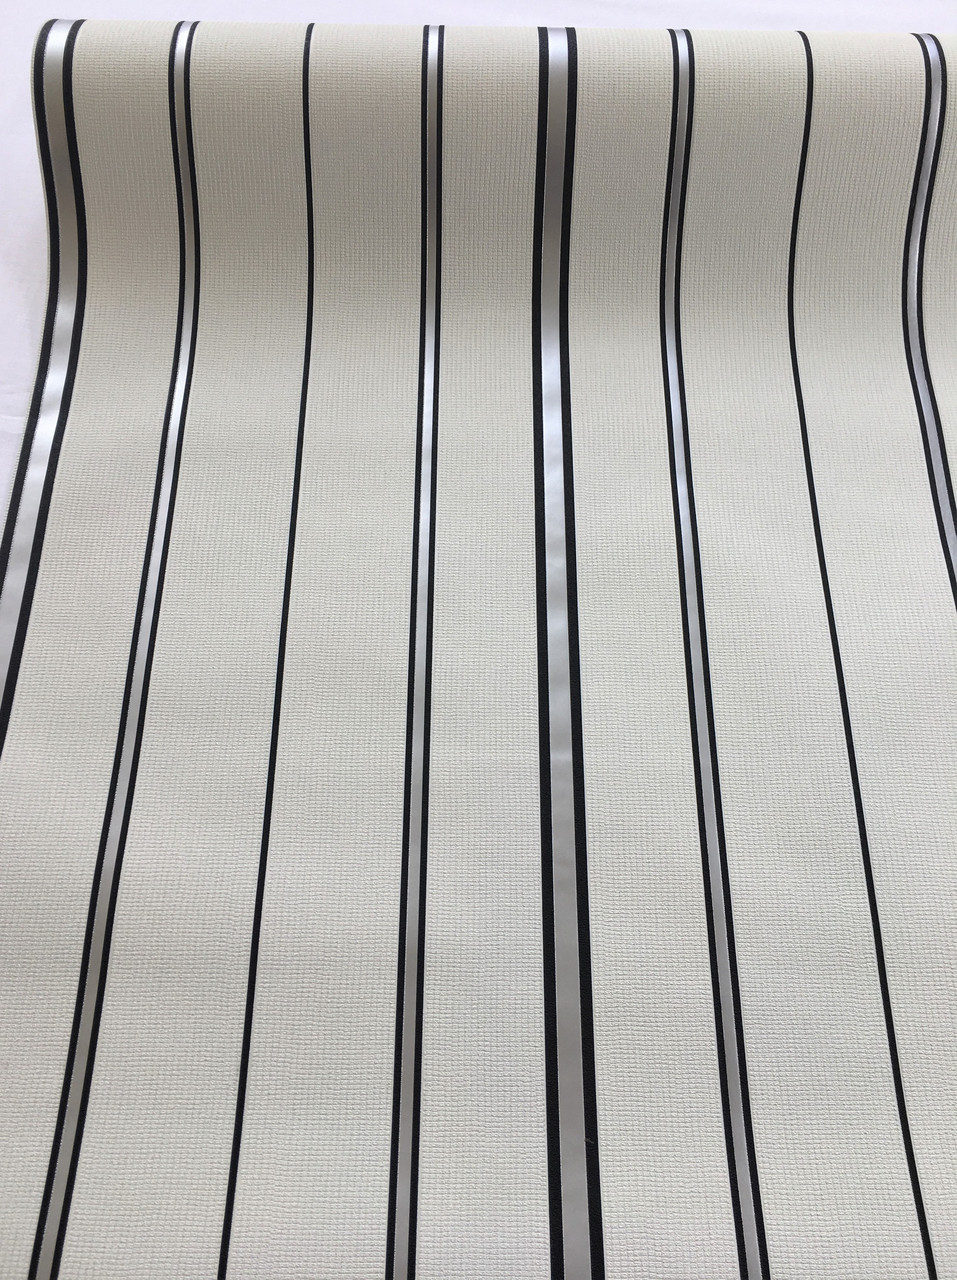 Елегантні креативні німецькі шпалери 600318 тонку чорну металізовану смужку на пастельному світло сірому